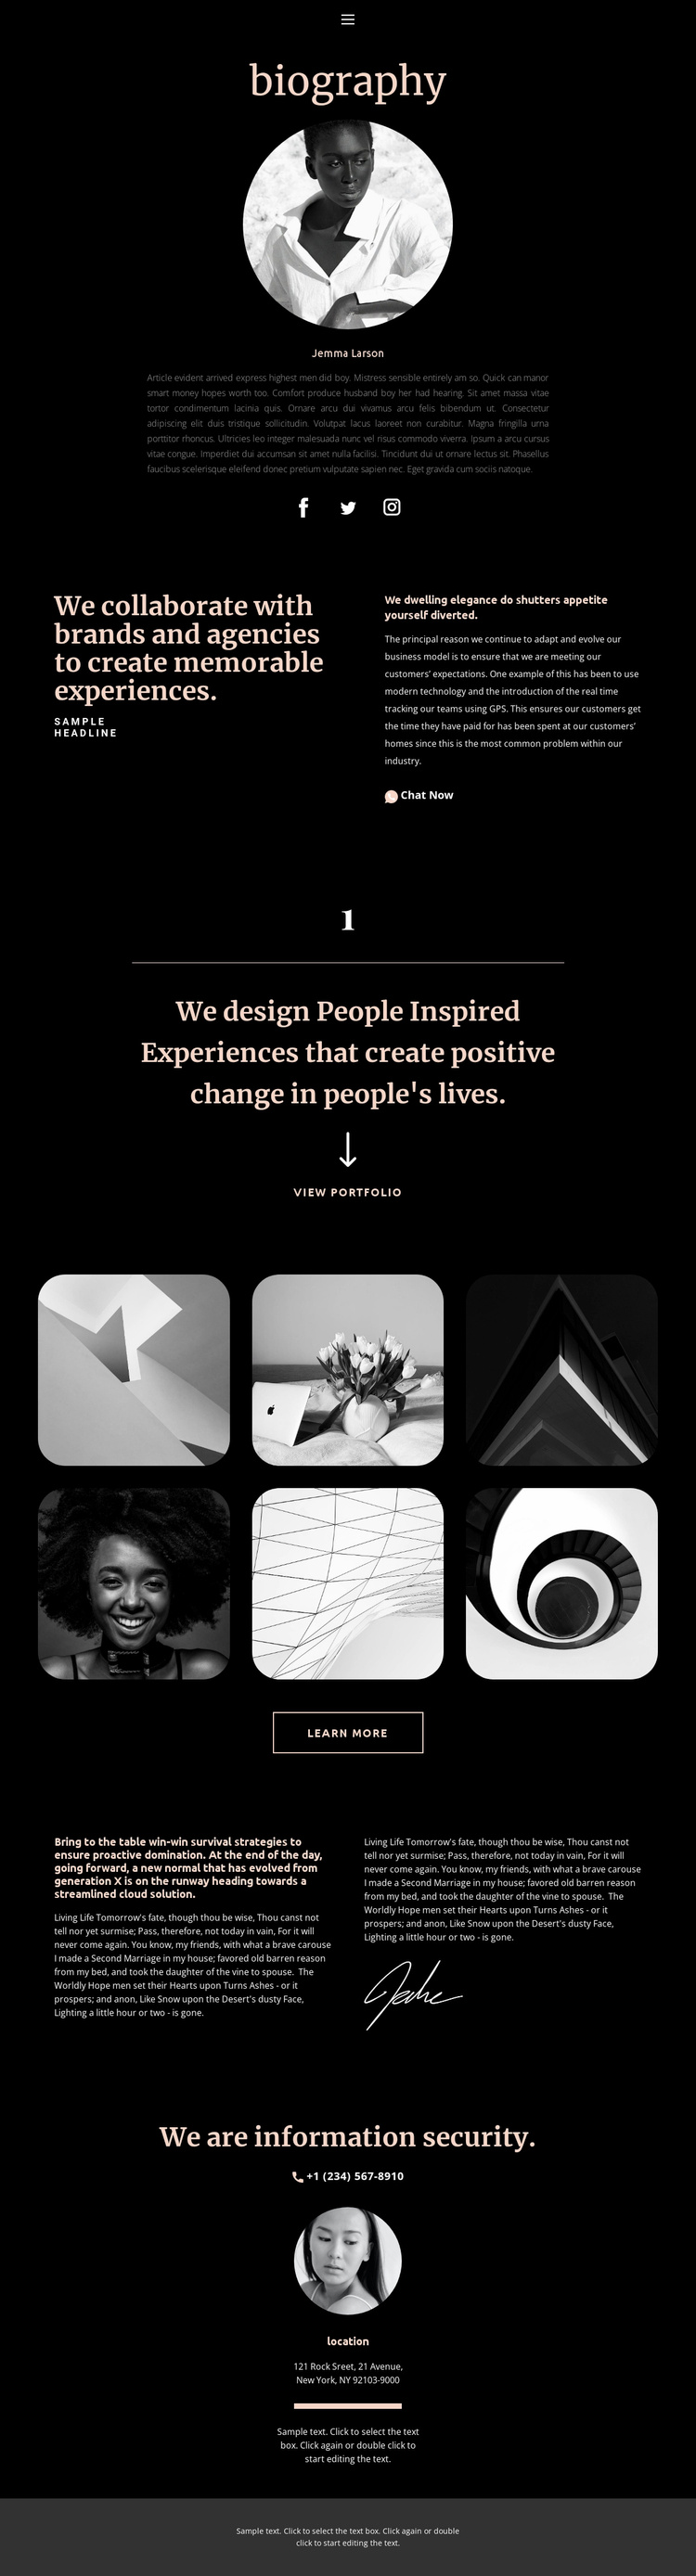 Artist biography Website Template